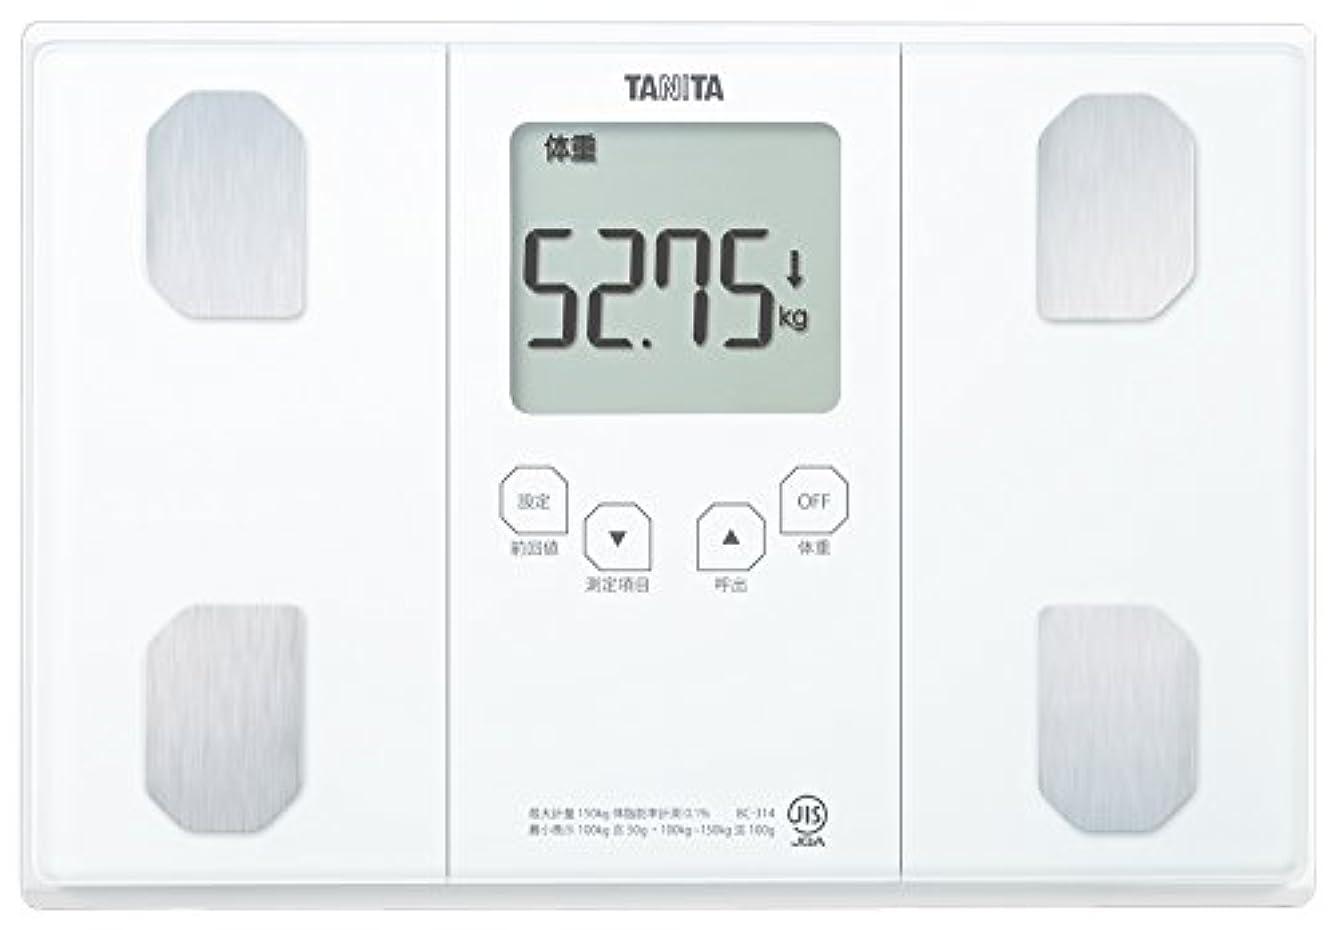 コンピューターブラウス鋼タニタ 体重 体組成計 50g ホワイト BC-314 WH 自動認識機能付き/立掛け収納OK